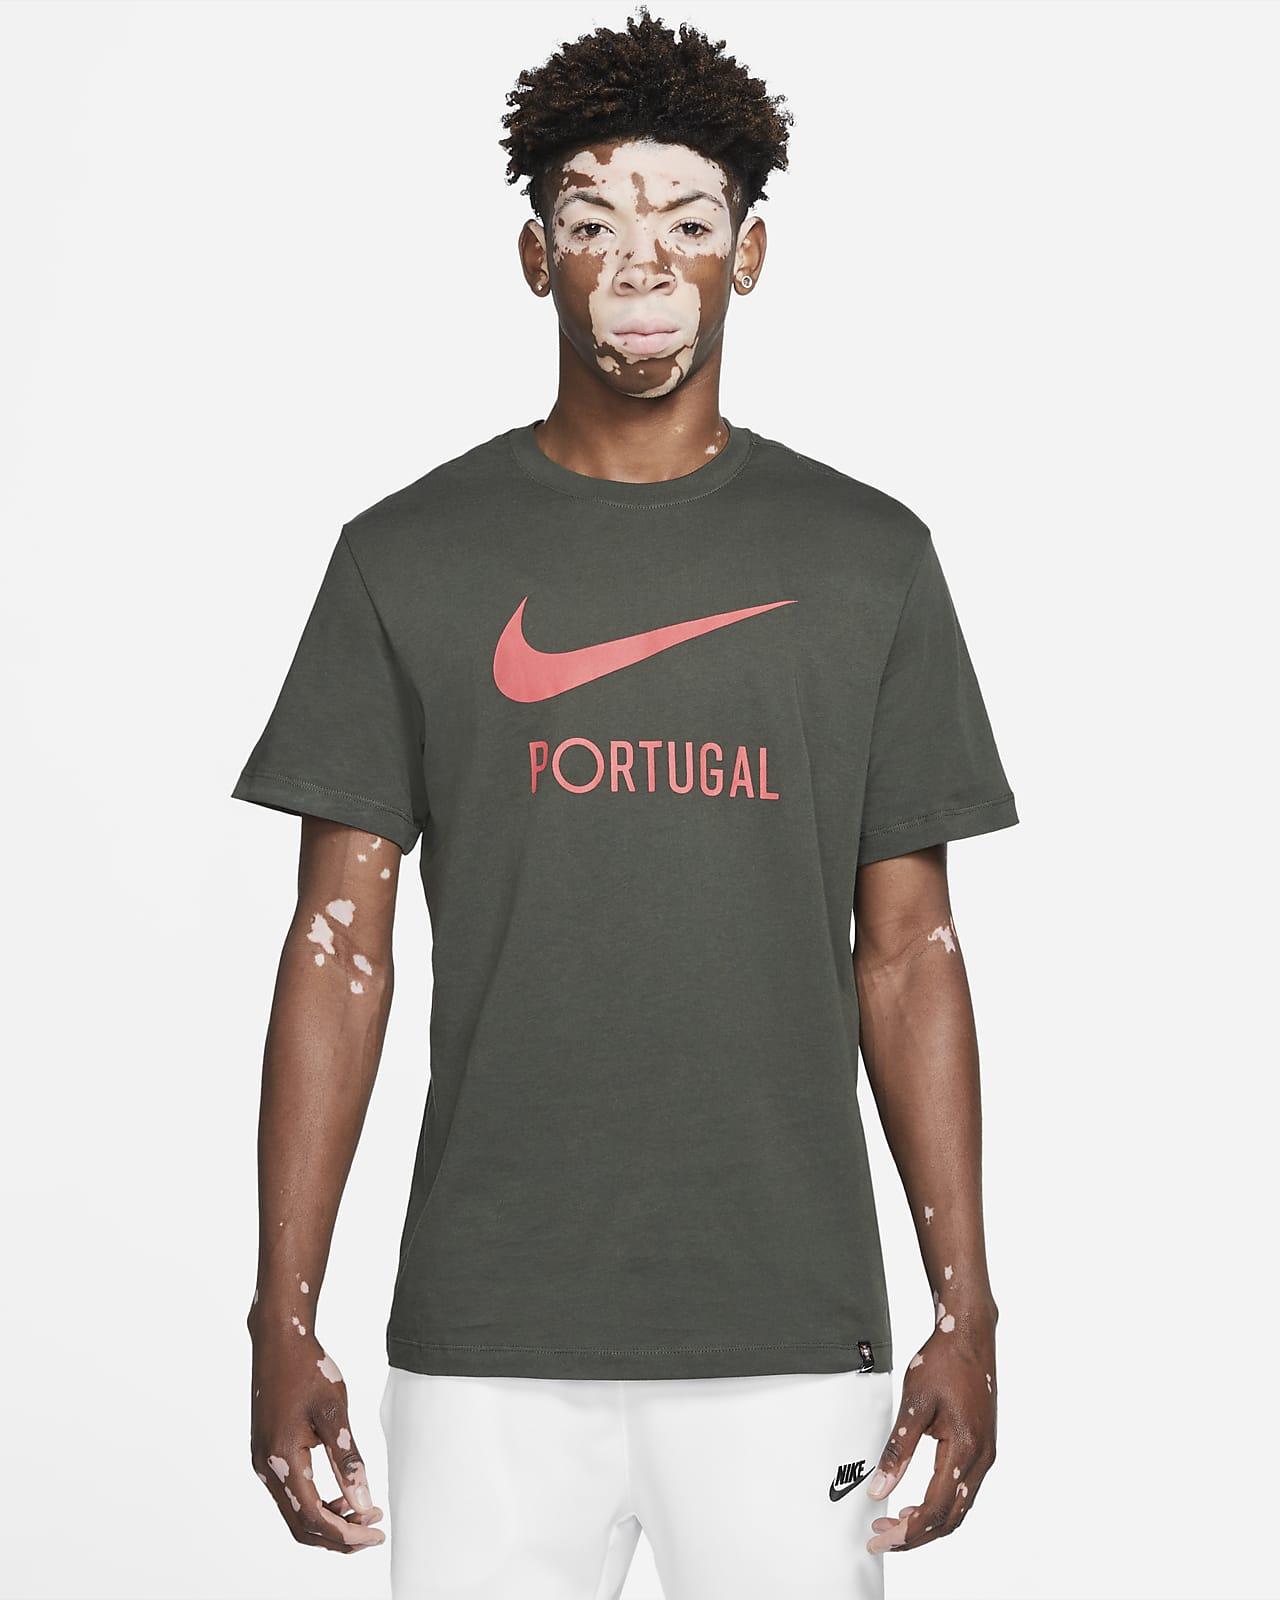 Portugal Voetbalshirt voor heren